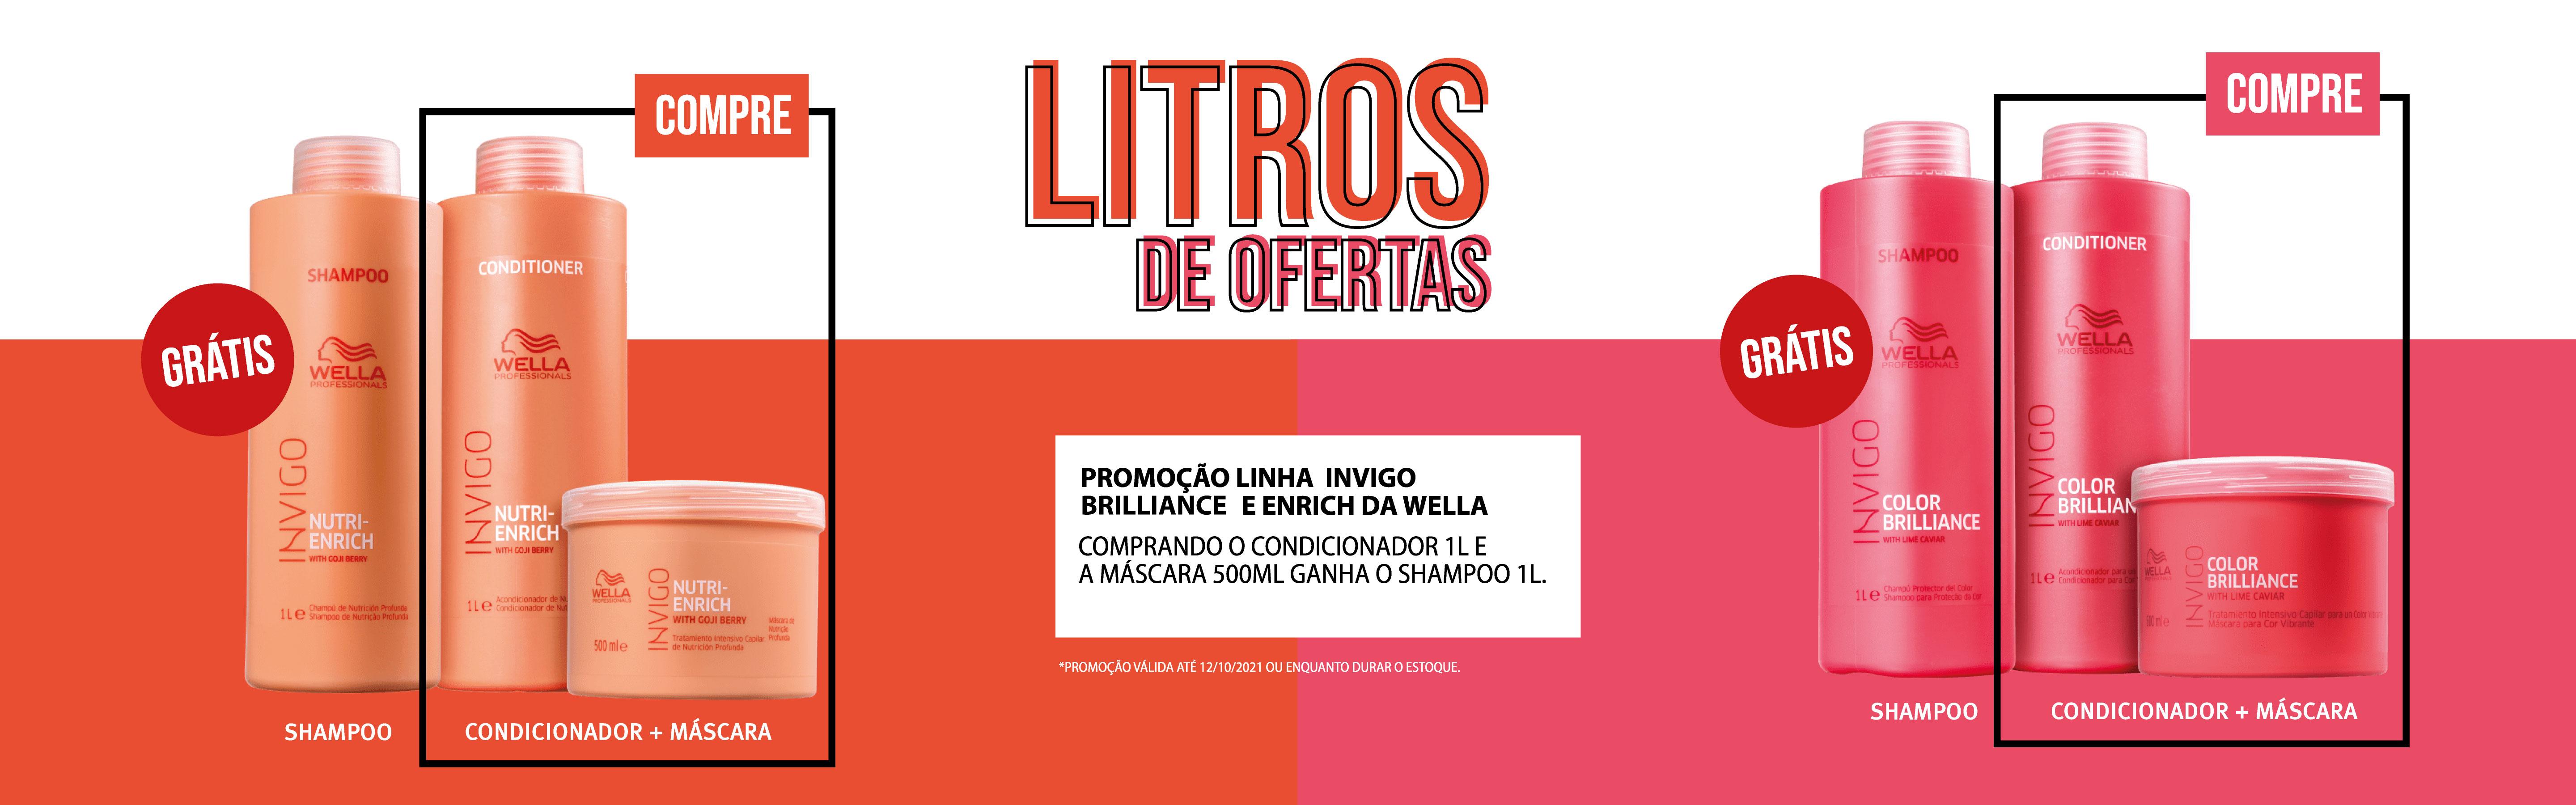 LITROS DE OFERTAS DESK